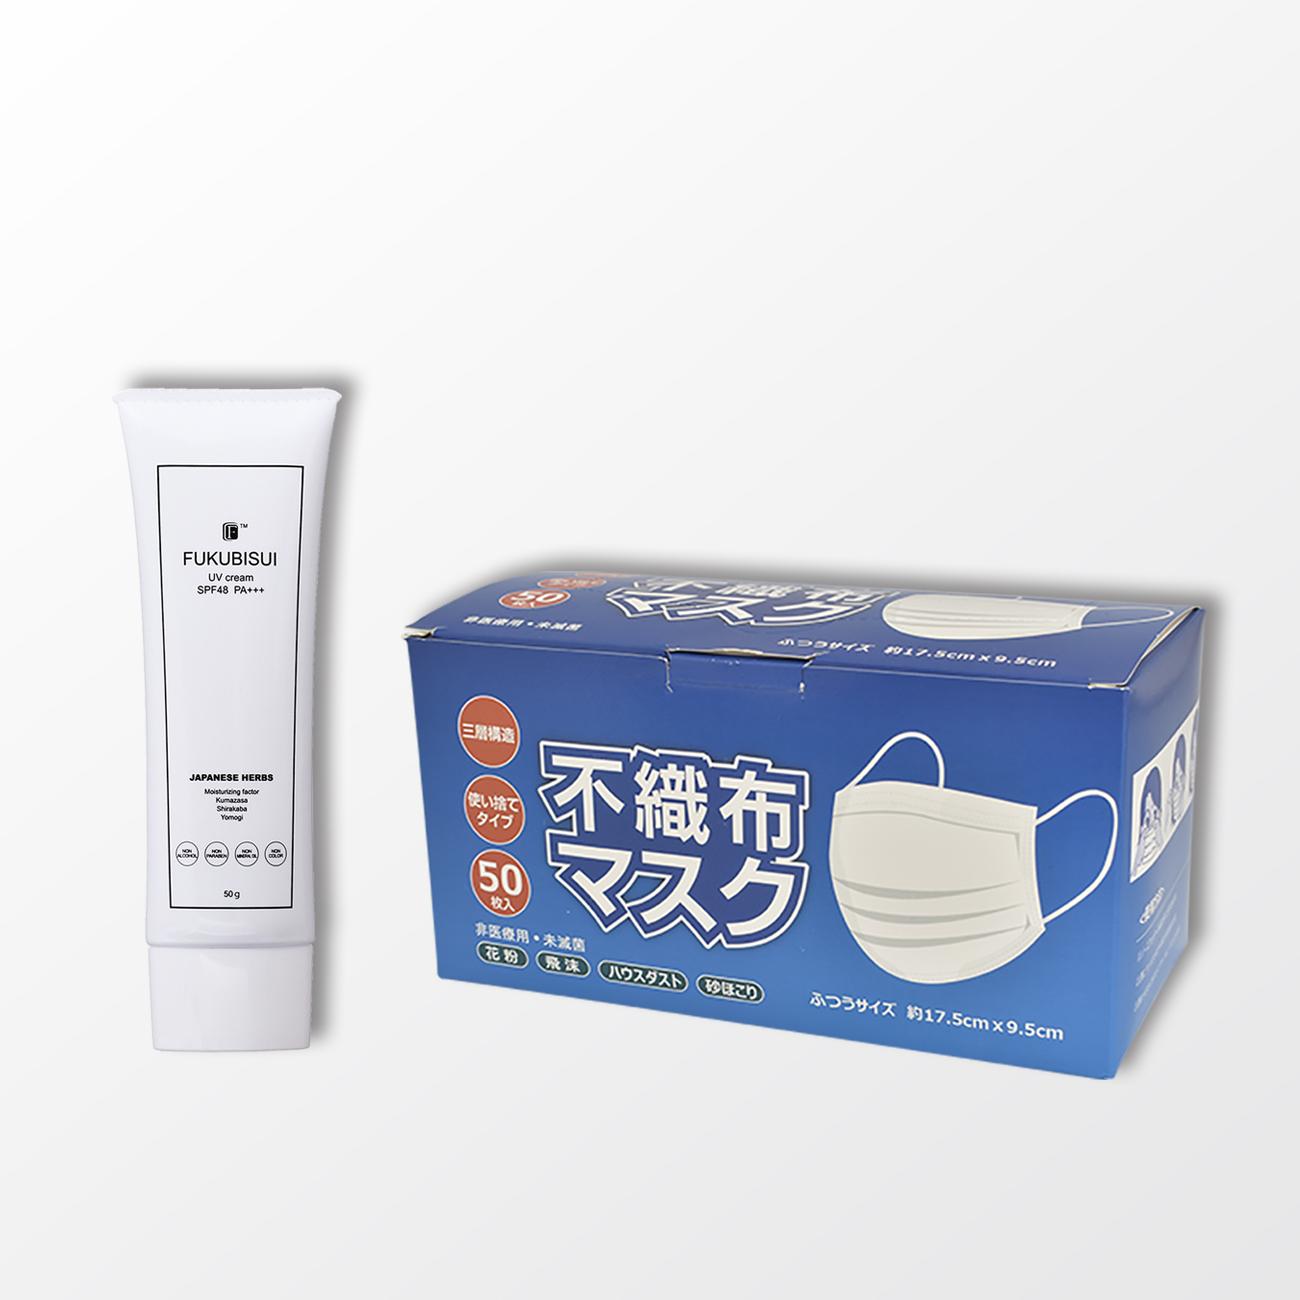 【数量限定】 福美水UVクリーム+マスク(50枚入)セット